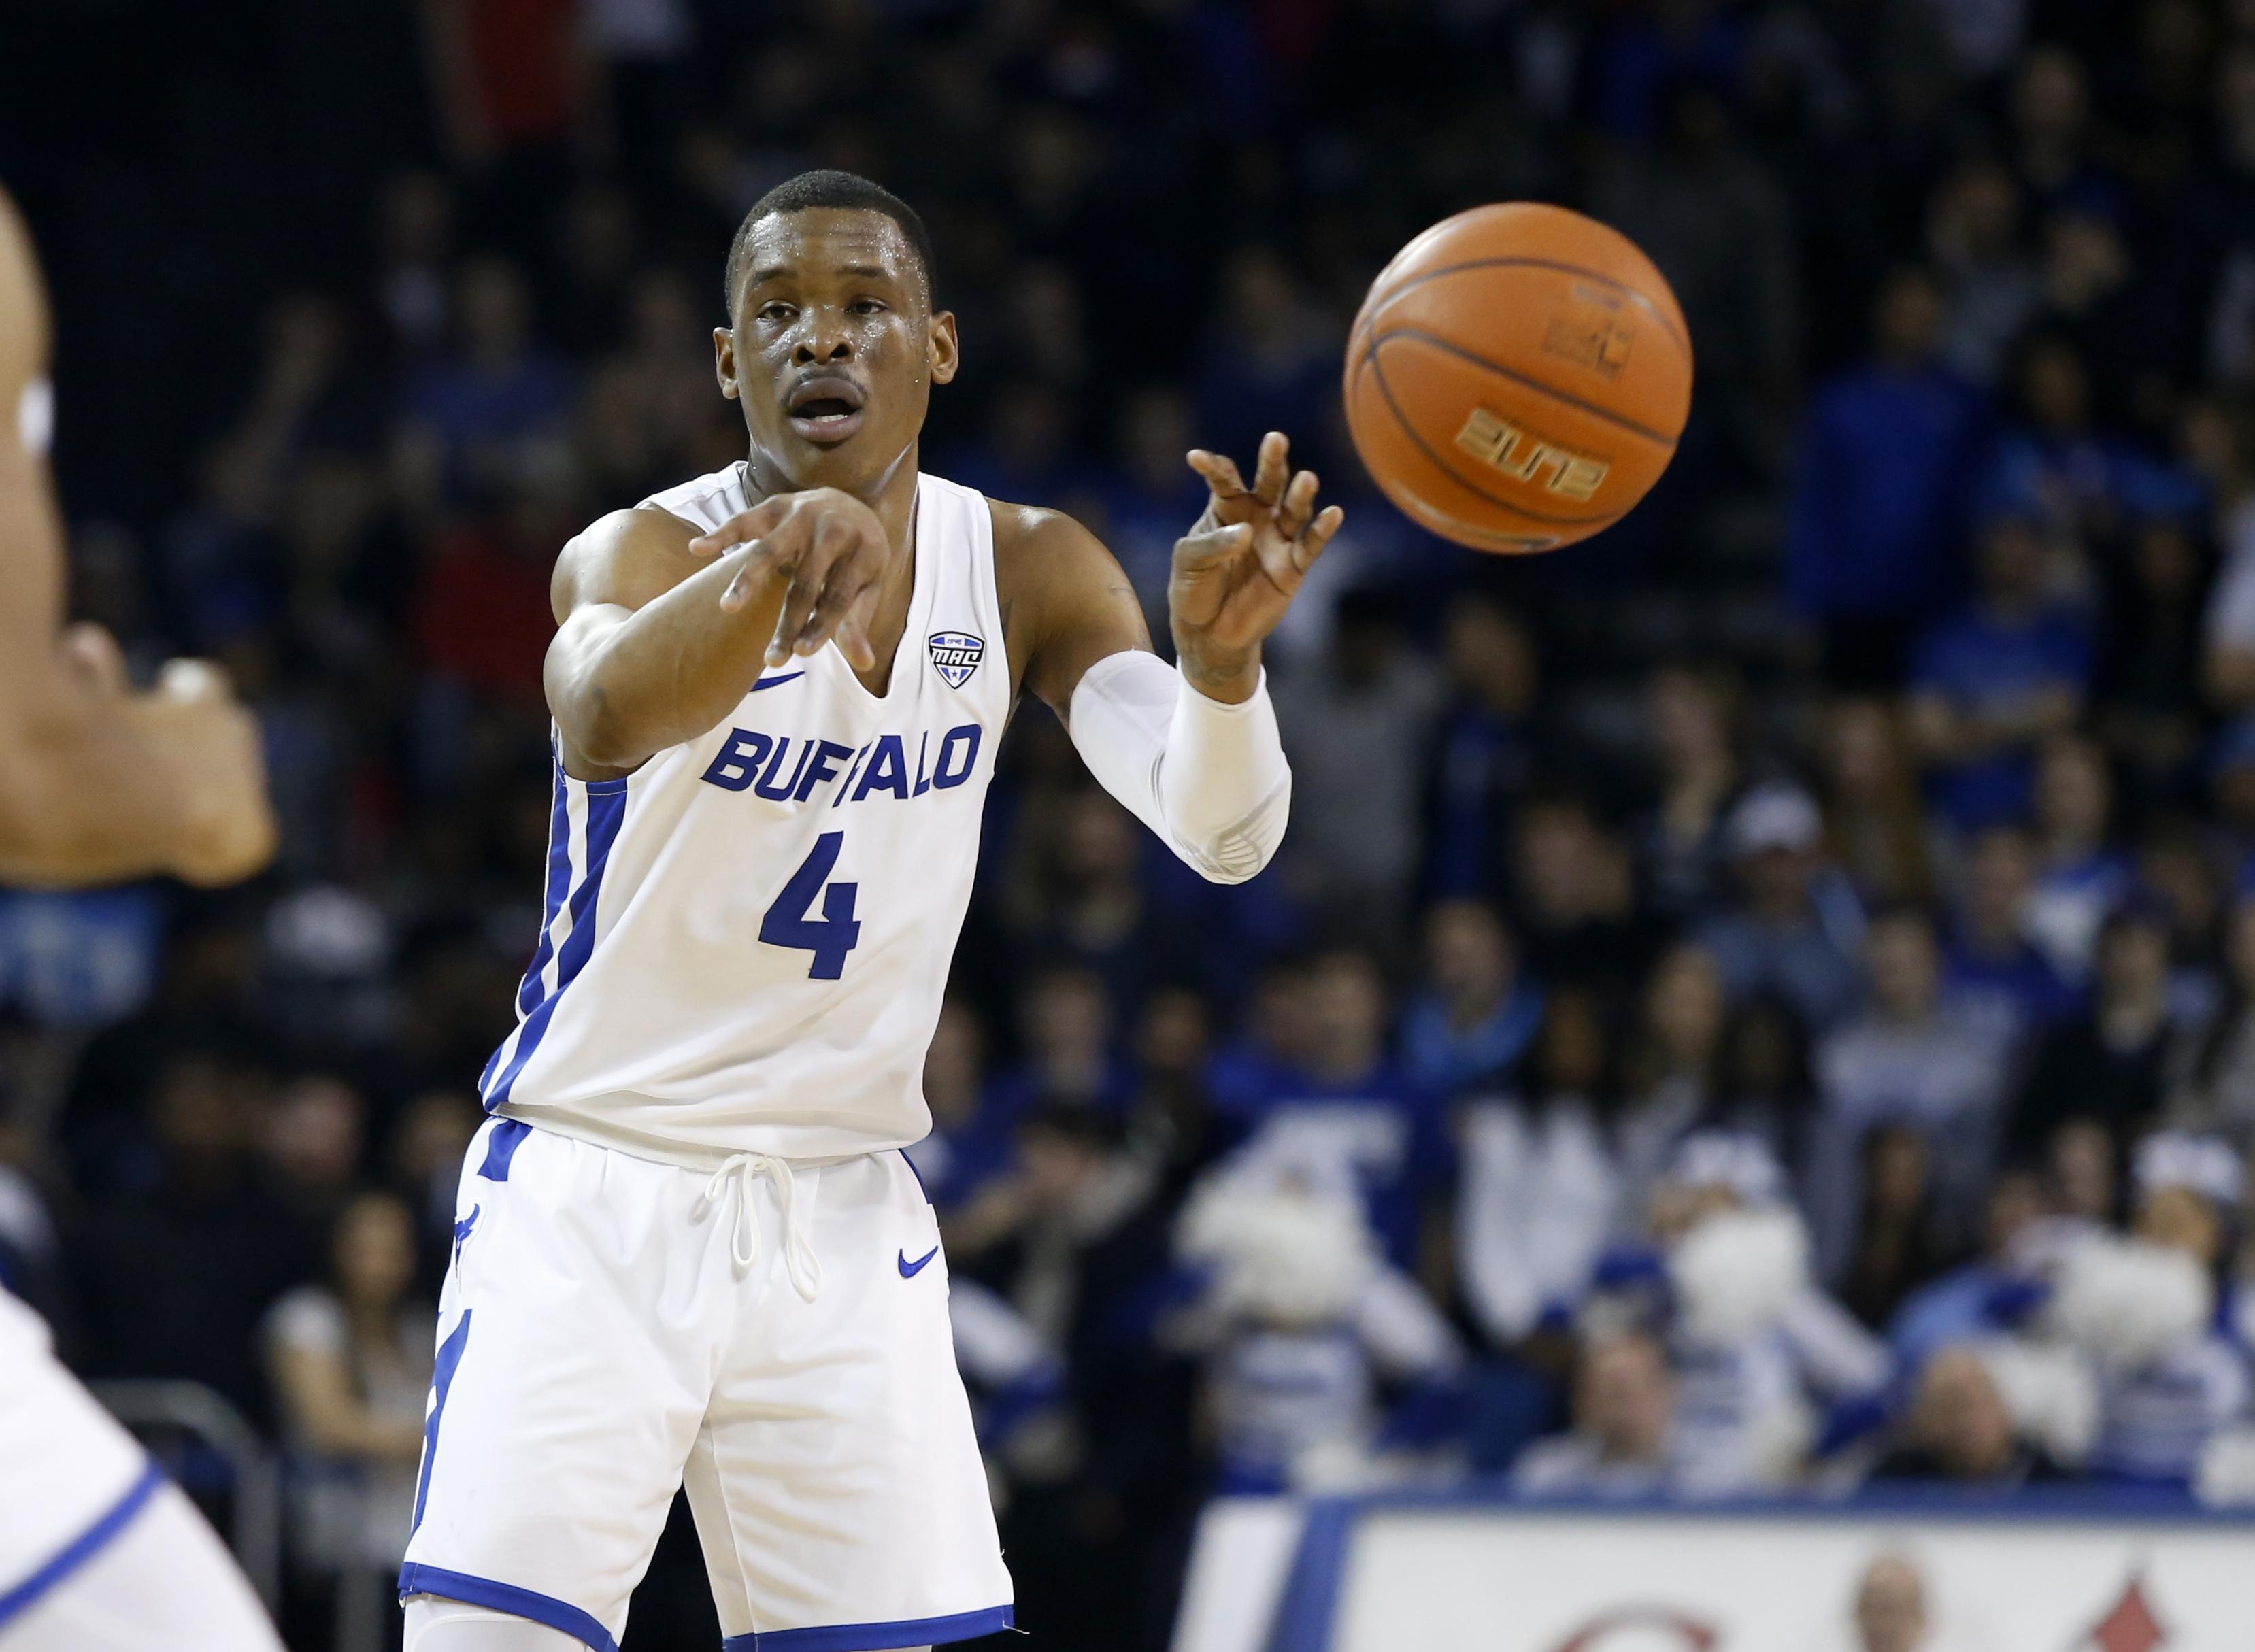 NCAA Basketball: Bowling Green at Buffalo